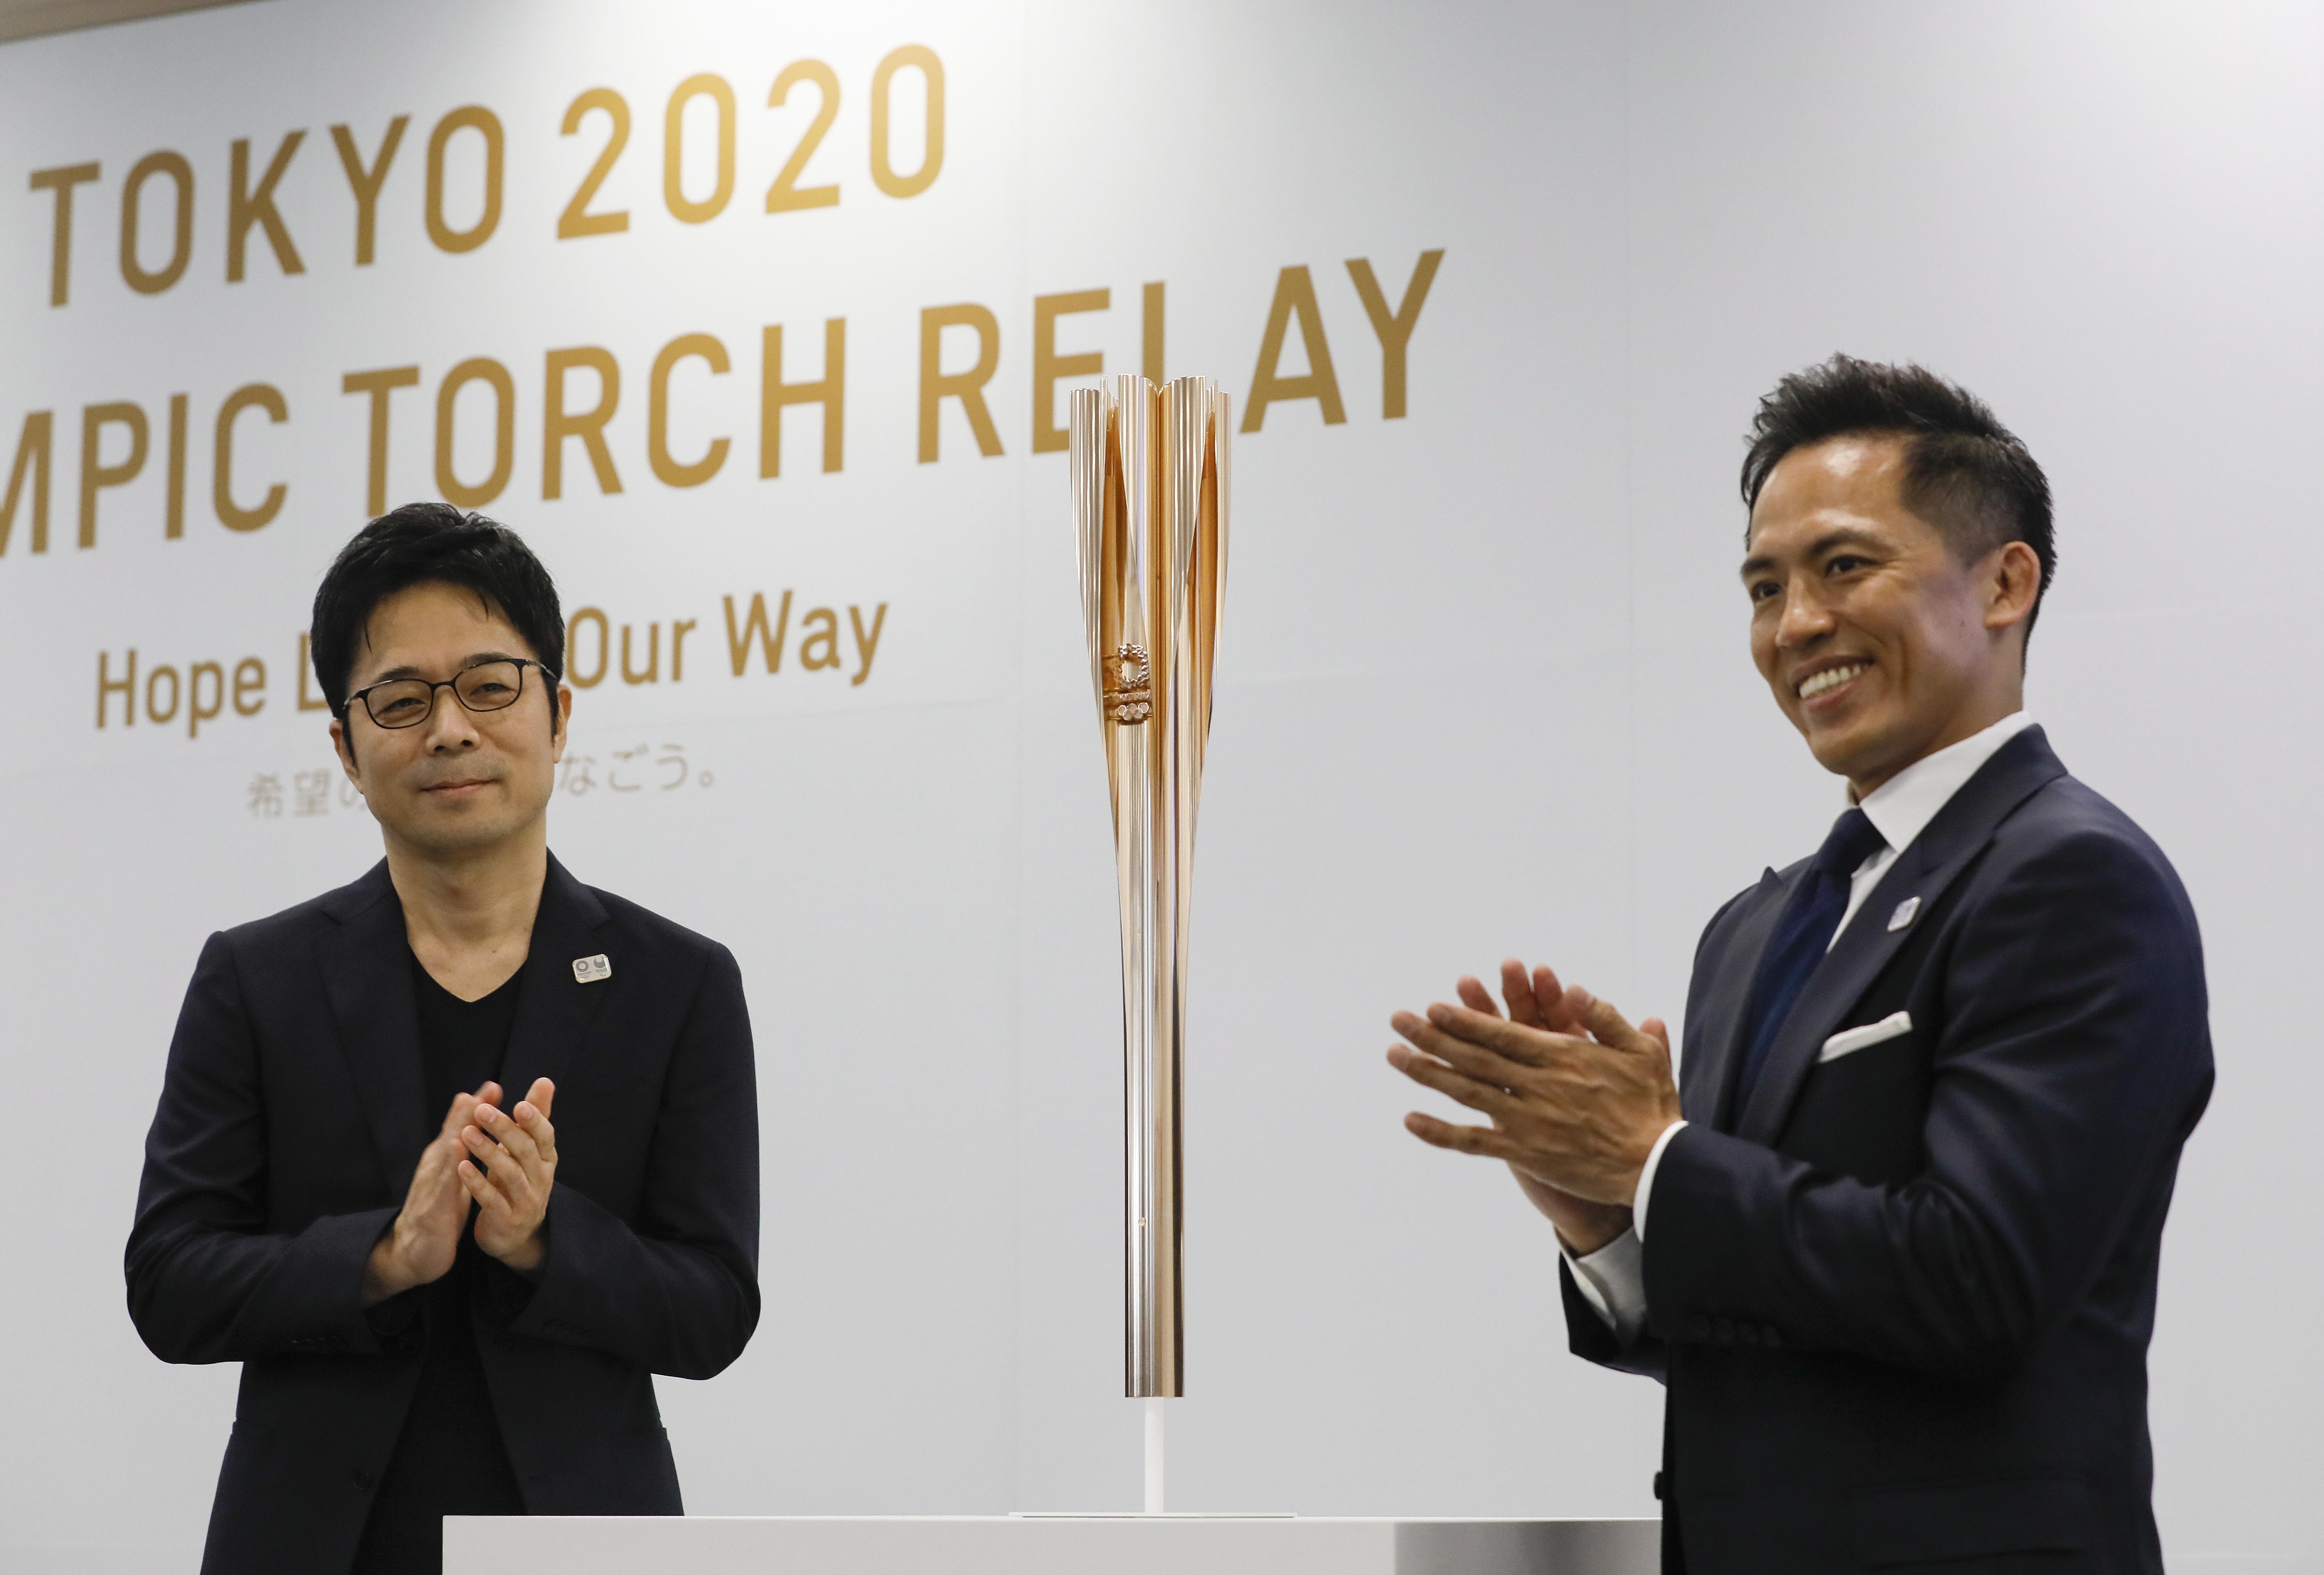 奥运火炬样式公布 2020年东京奥运会火炬高清组图 火炬大使是谁